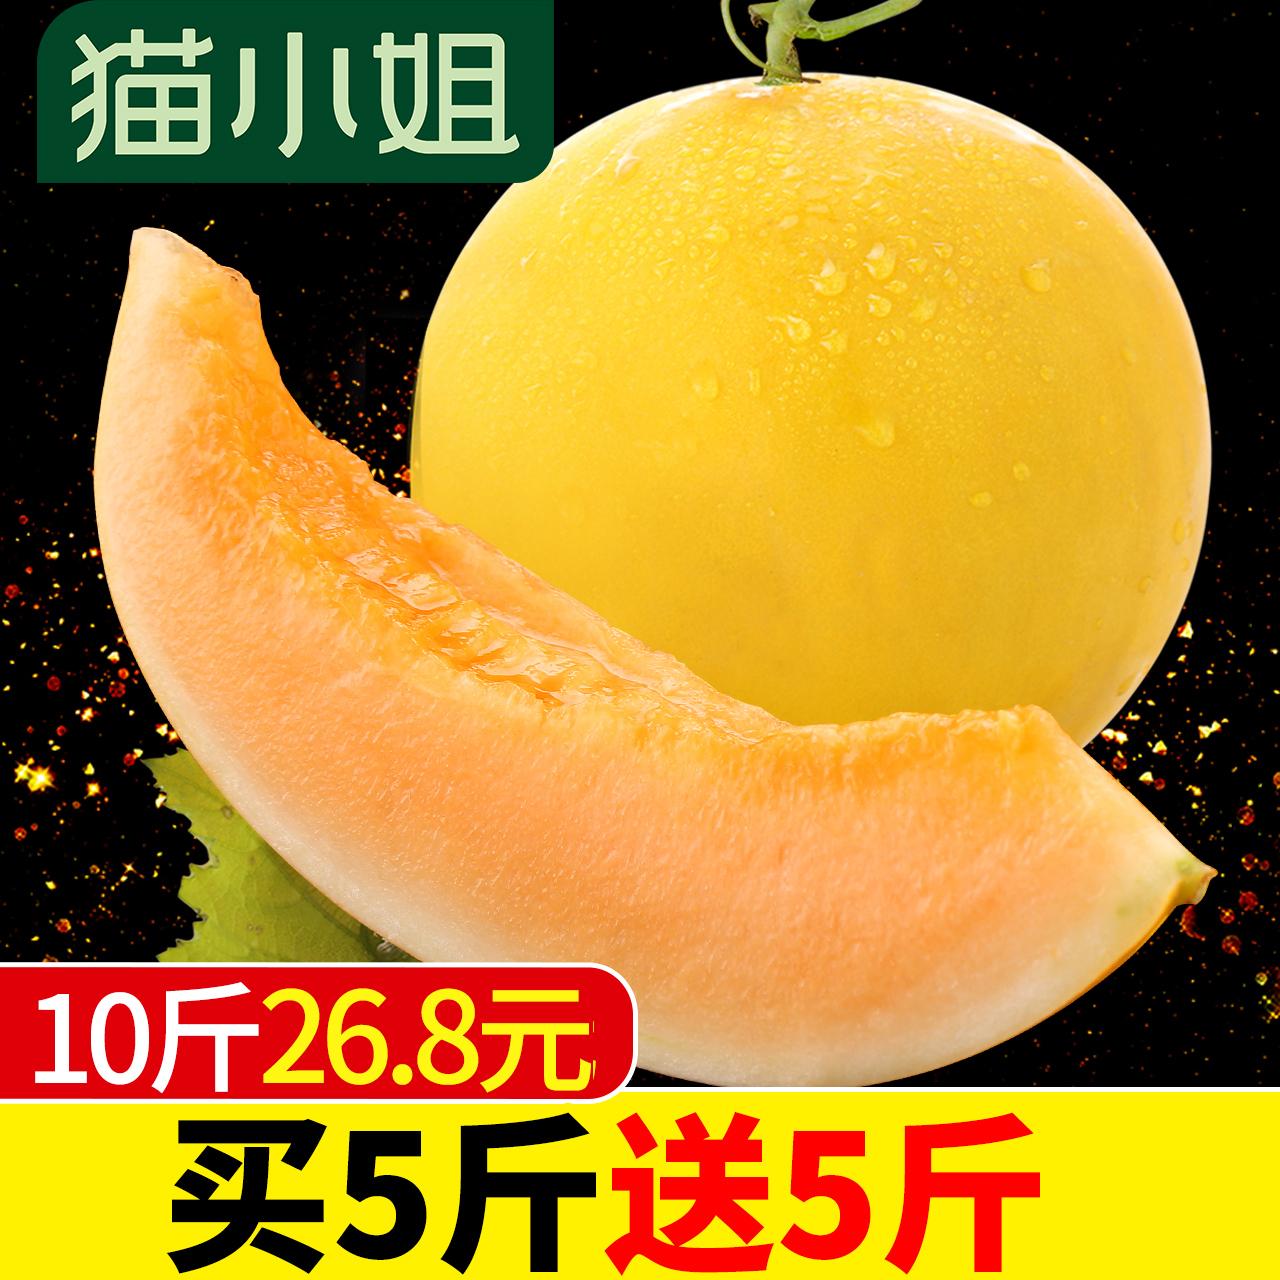 黄河蜜瓜哈密瓜 新鲜水果包邮批发带箱10斤非羊角蜜甜瓜香瓜网纹